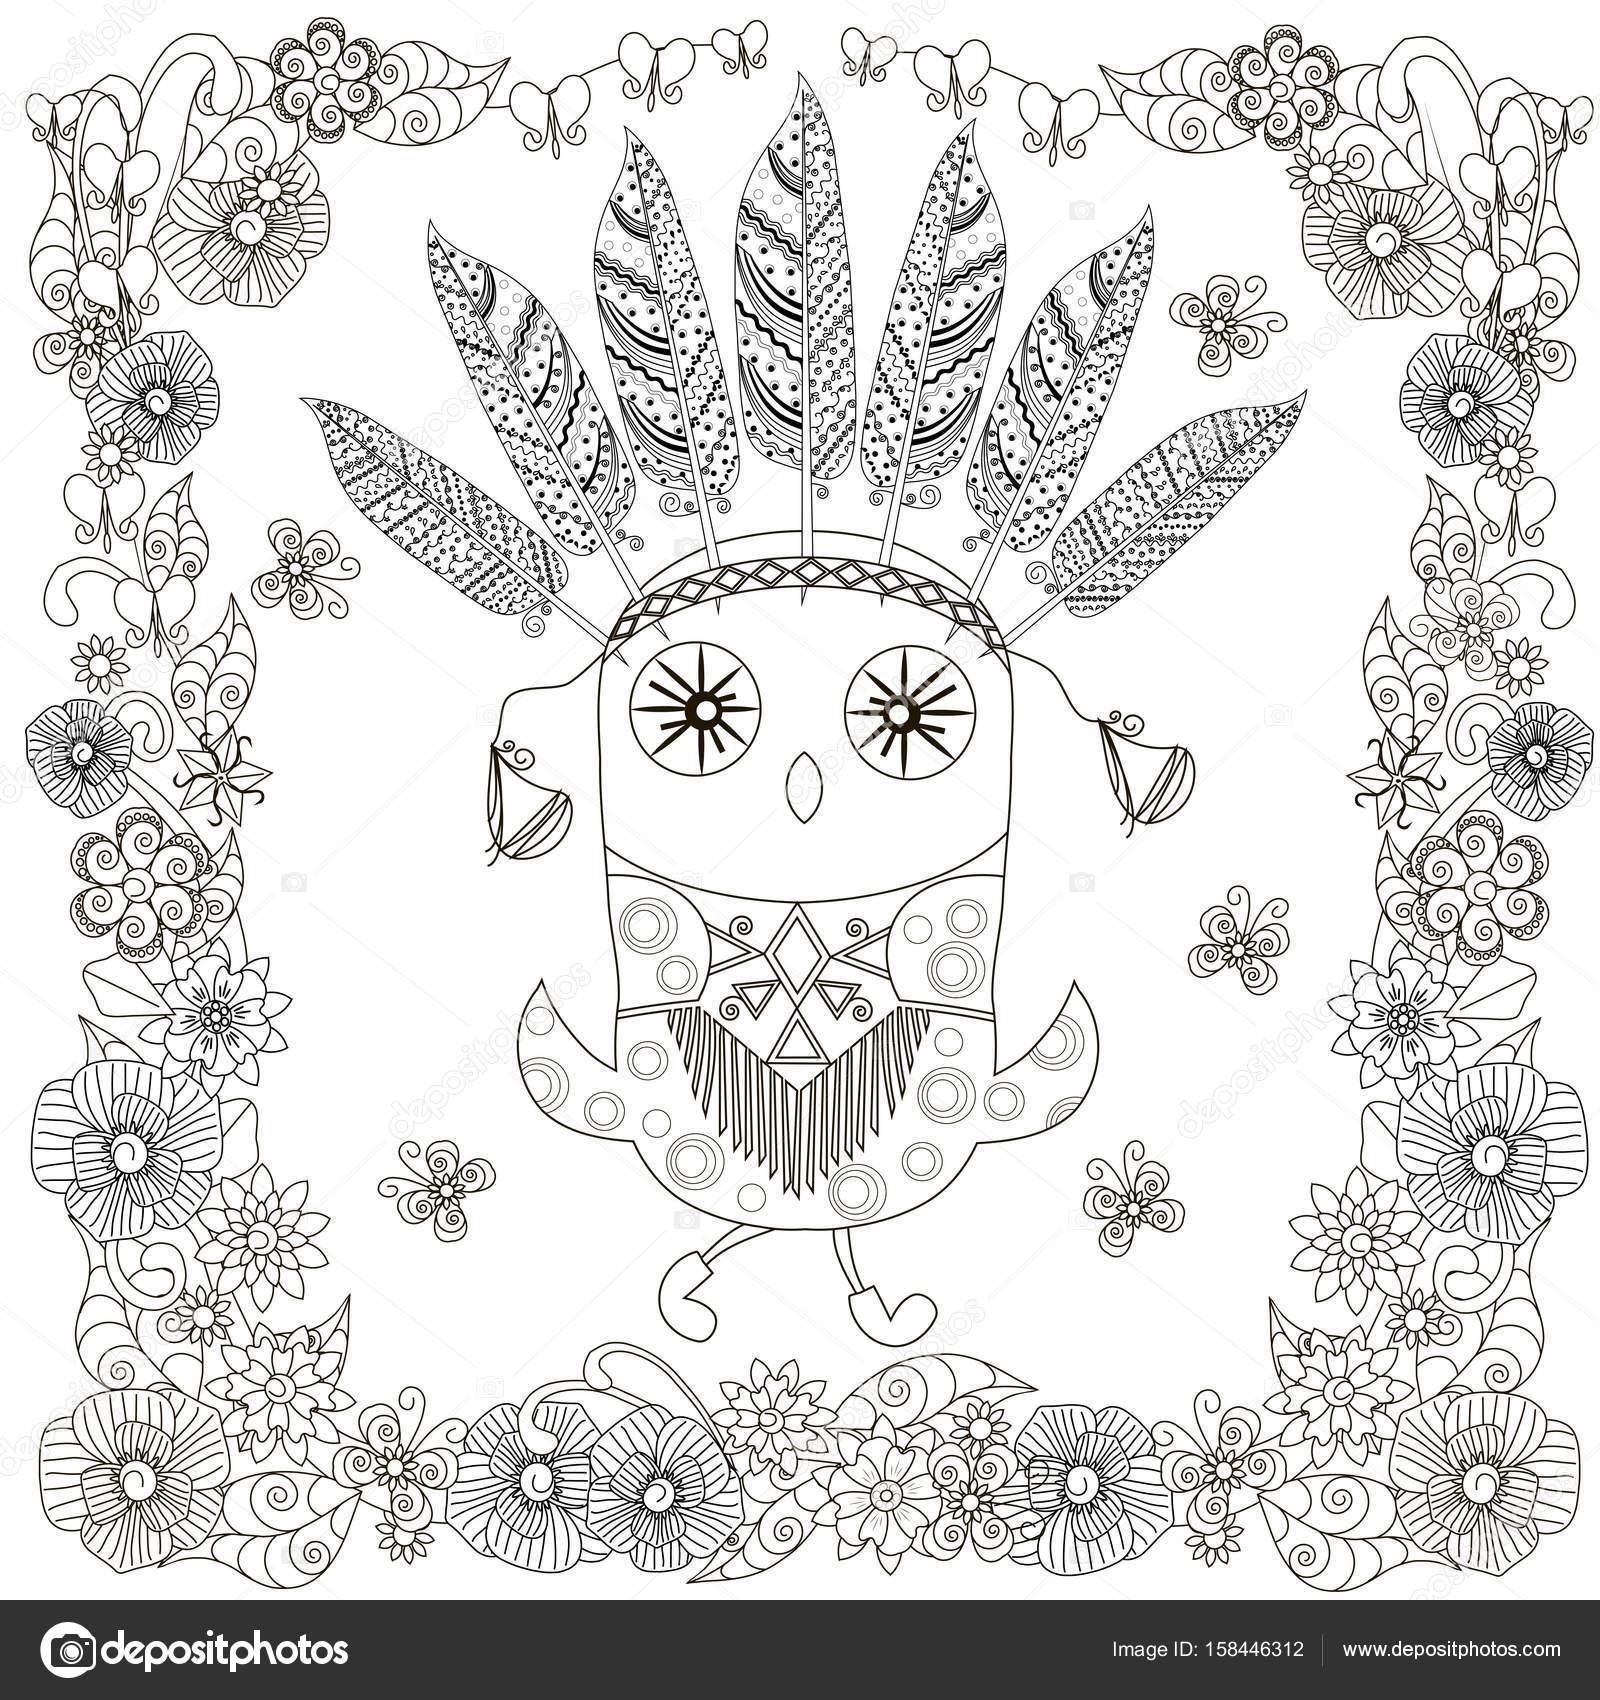 Monochrome Doodle Hand gezeichnete stilisierte Eule in Blumen Rahmen ...